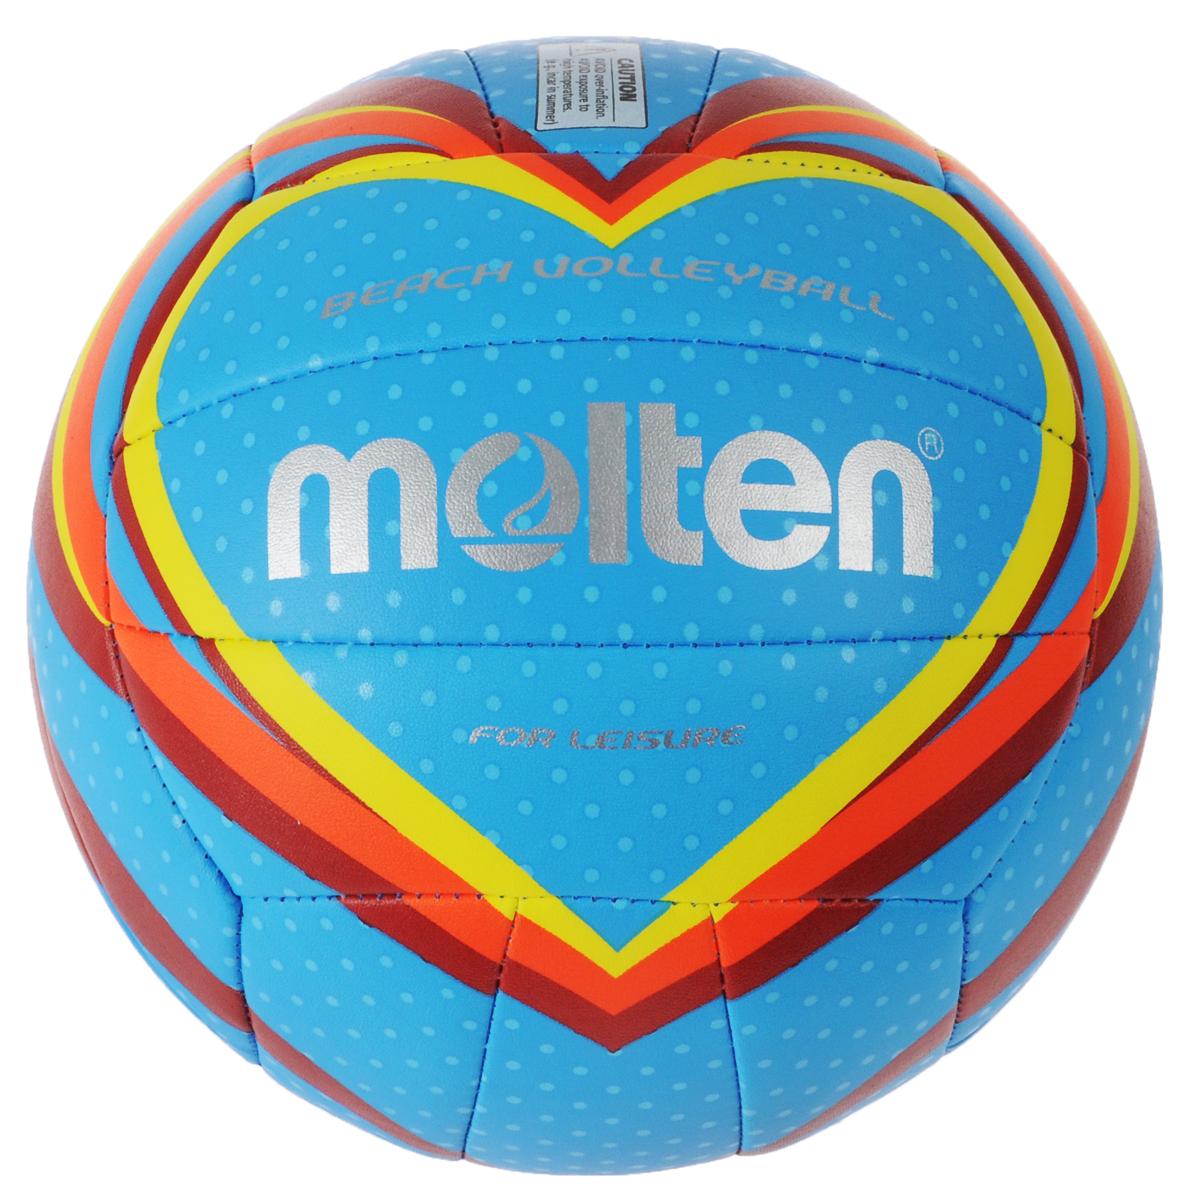 Мяч для пляжного волейбола Molten, цвет: голубой. Размер 5120330_yellow/blackМяч для пляжного волейбола Molten изготовлен из мягкой синтетической кожи, обеспечивающей мягкий контакт с рукой. Отличные игровые характеристики. Ручное шитье. Имеет официальный вес и размер.